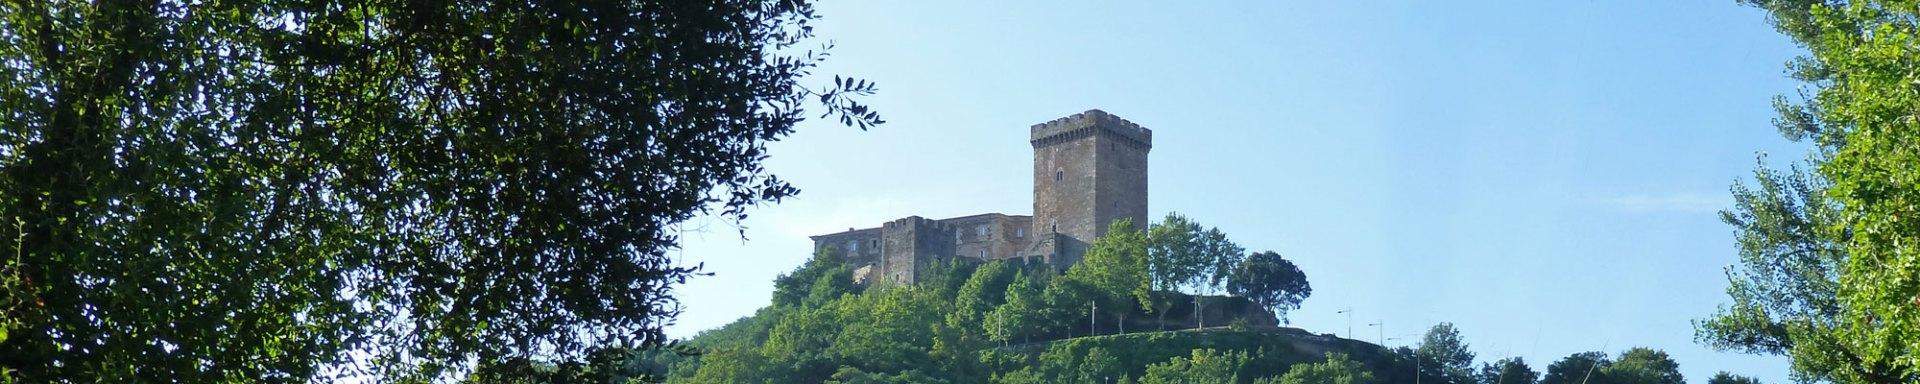 Guía turística con toda la información necesaria para visitar Monforte de Lemos